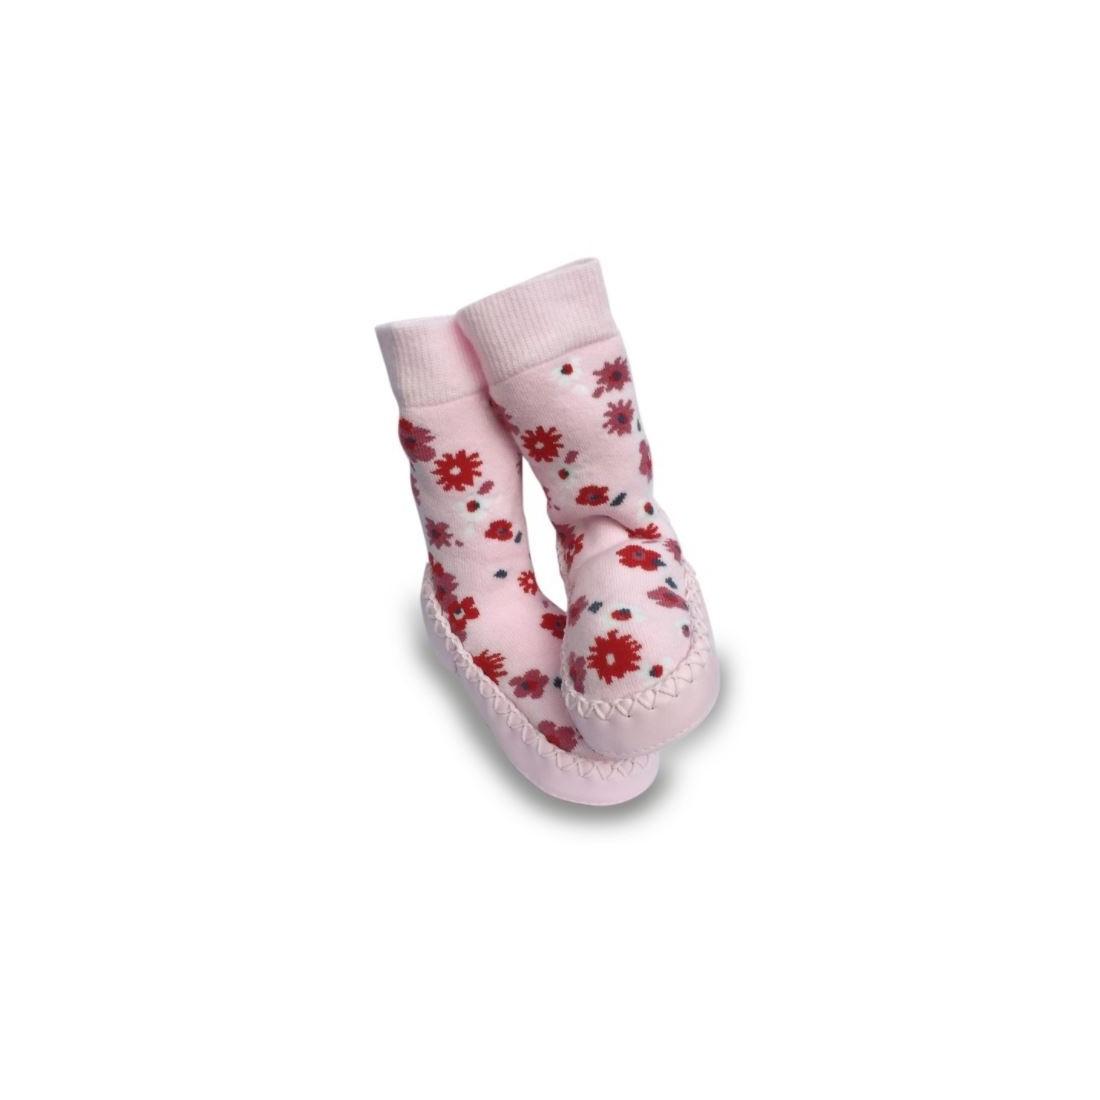 Chaussons bébé fille fleurs ditsy